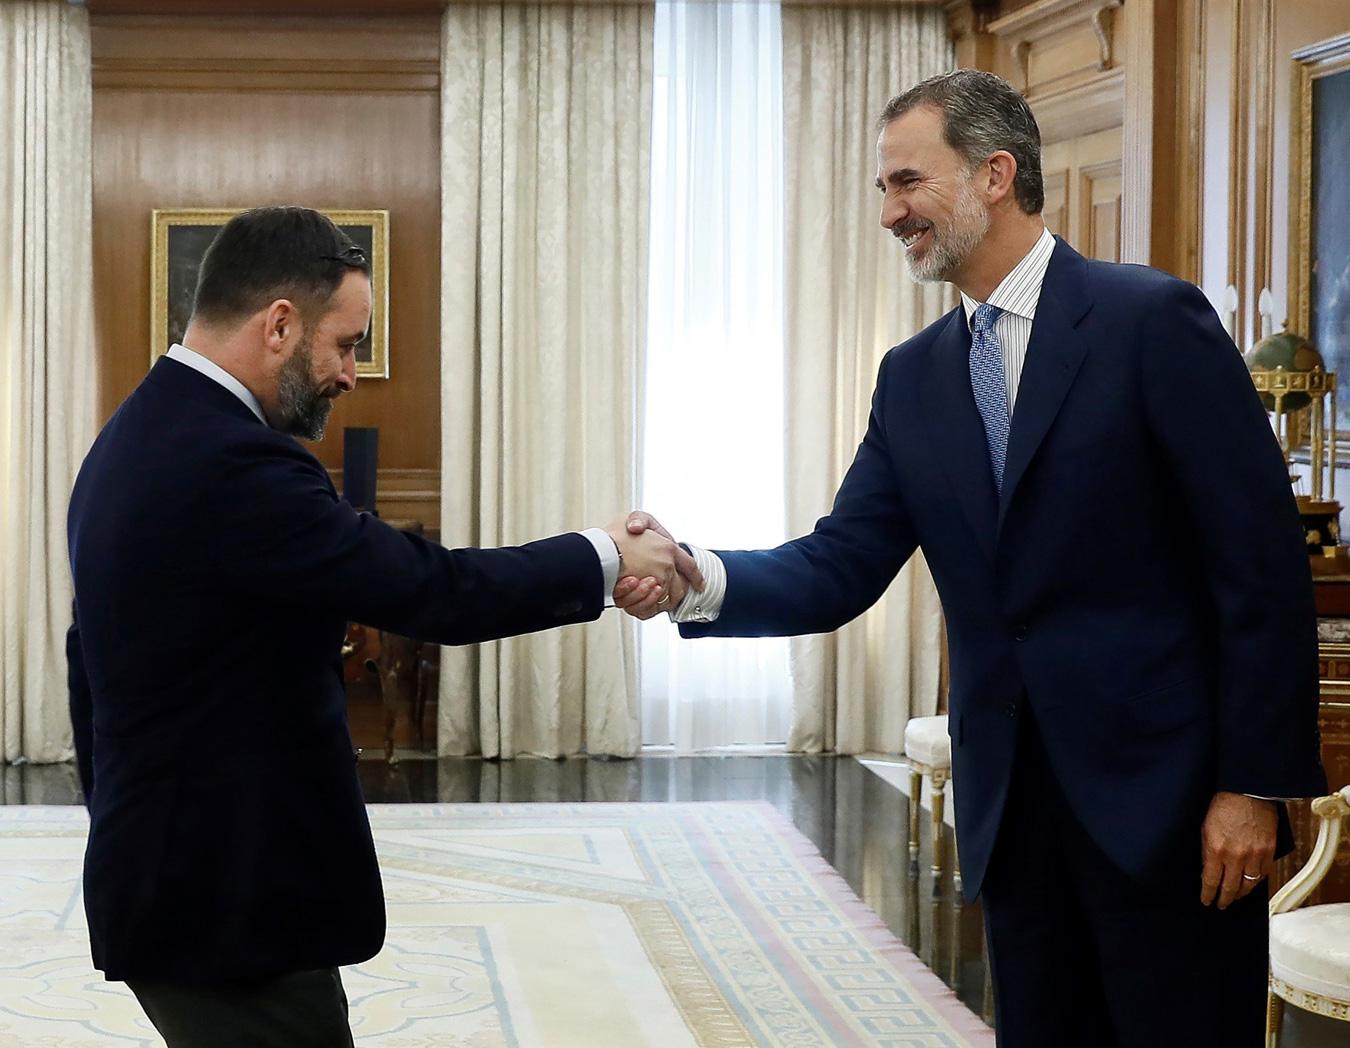 El líder de Vox, Santiago Abascal, saluda al rey Felipe VI durante las consultad de investidura de junio de 2019. - AFP